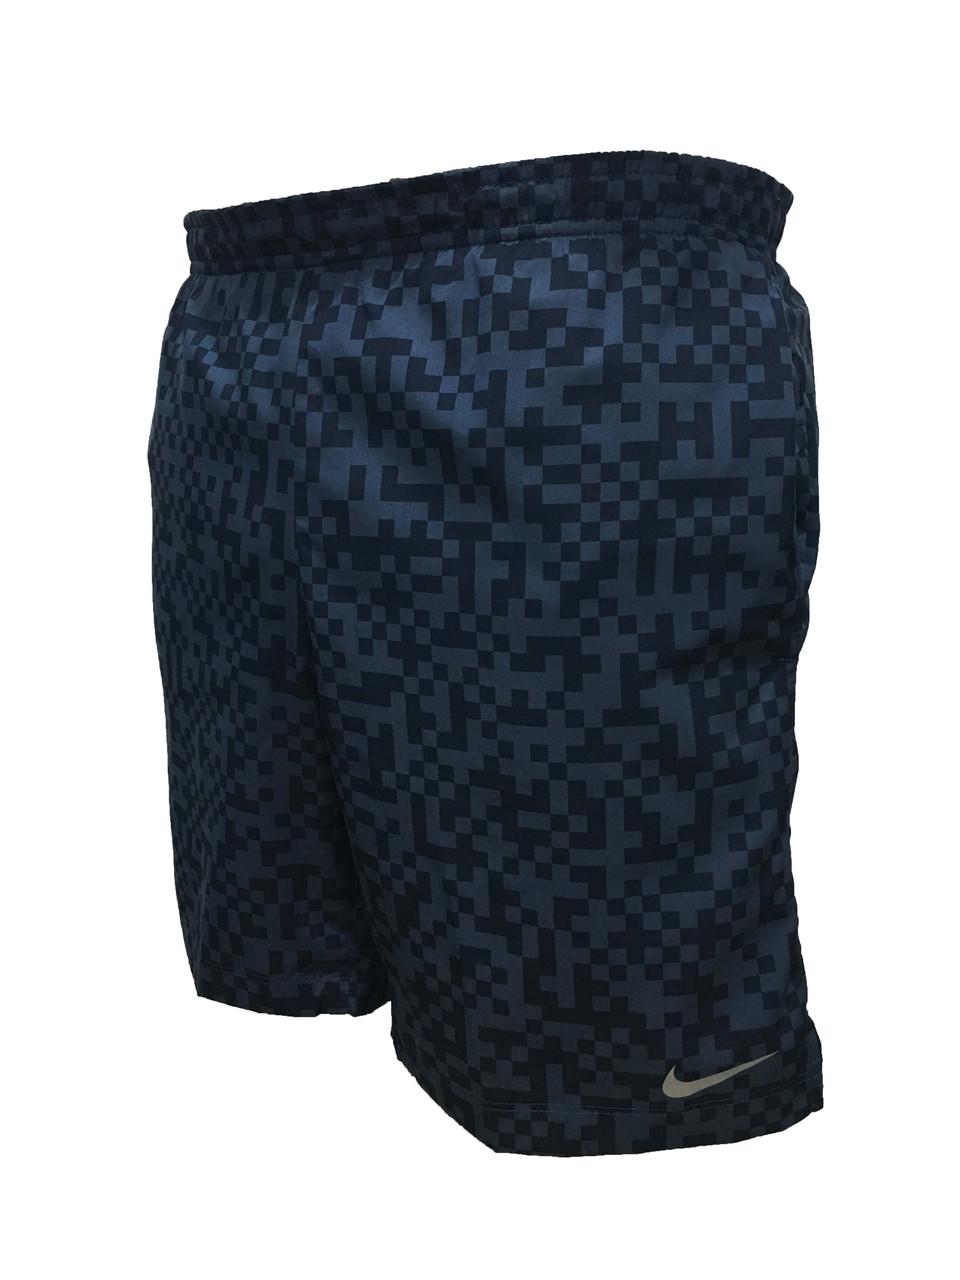 Мужские спортивные шорты  синий графит размер S (Реплика)